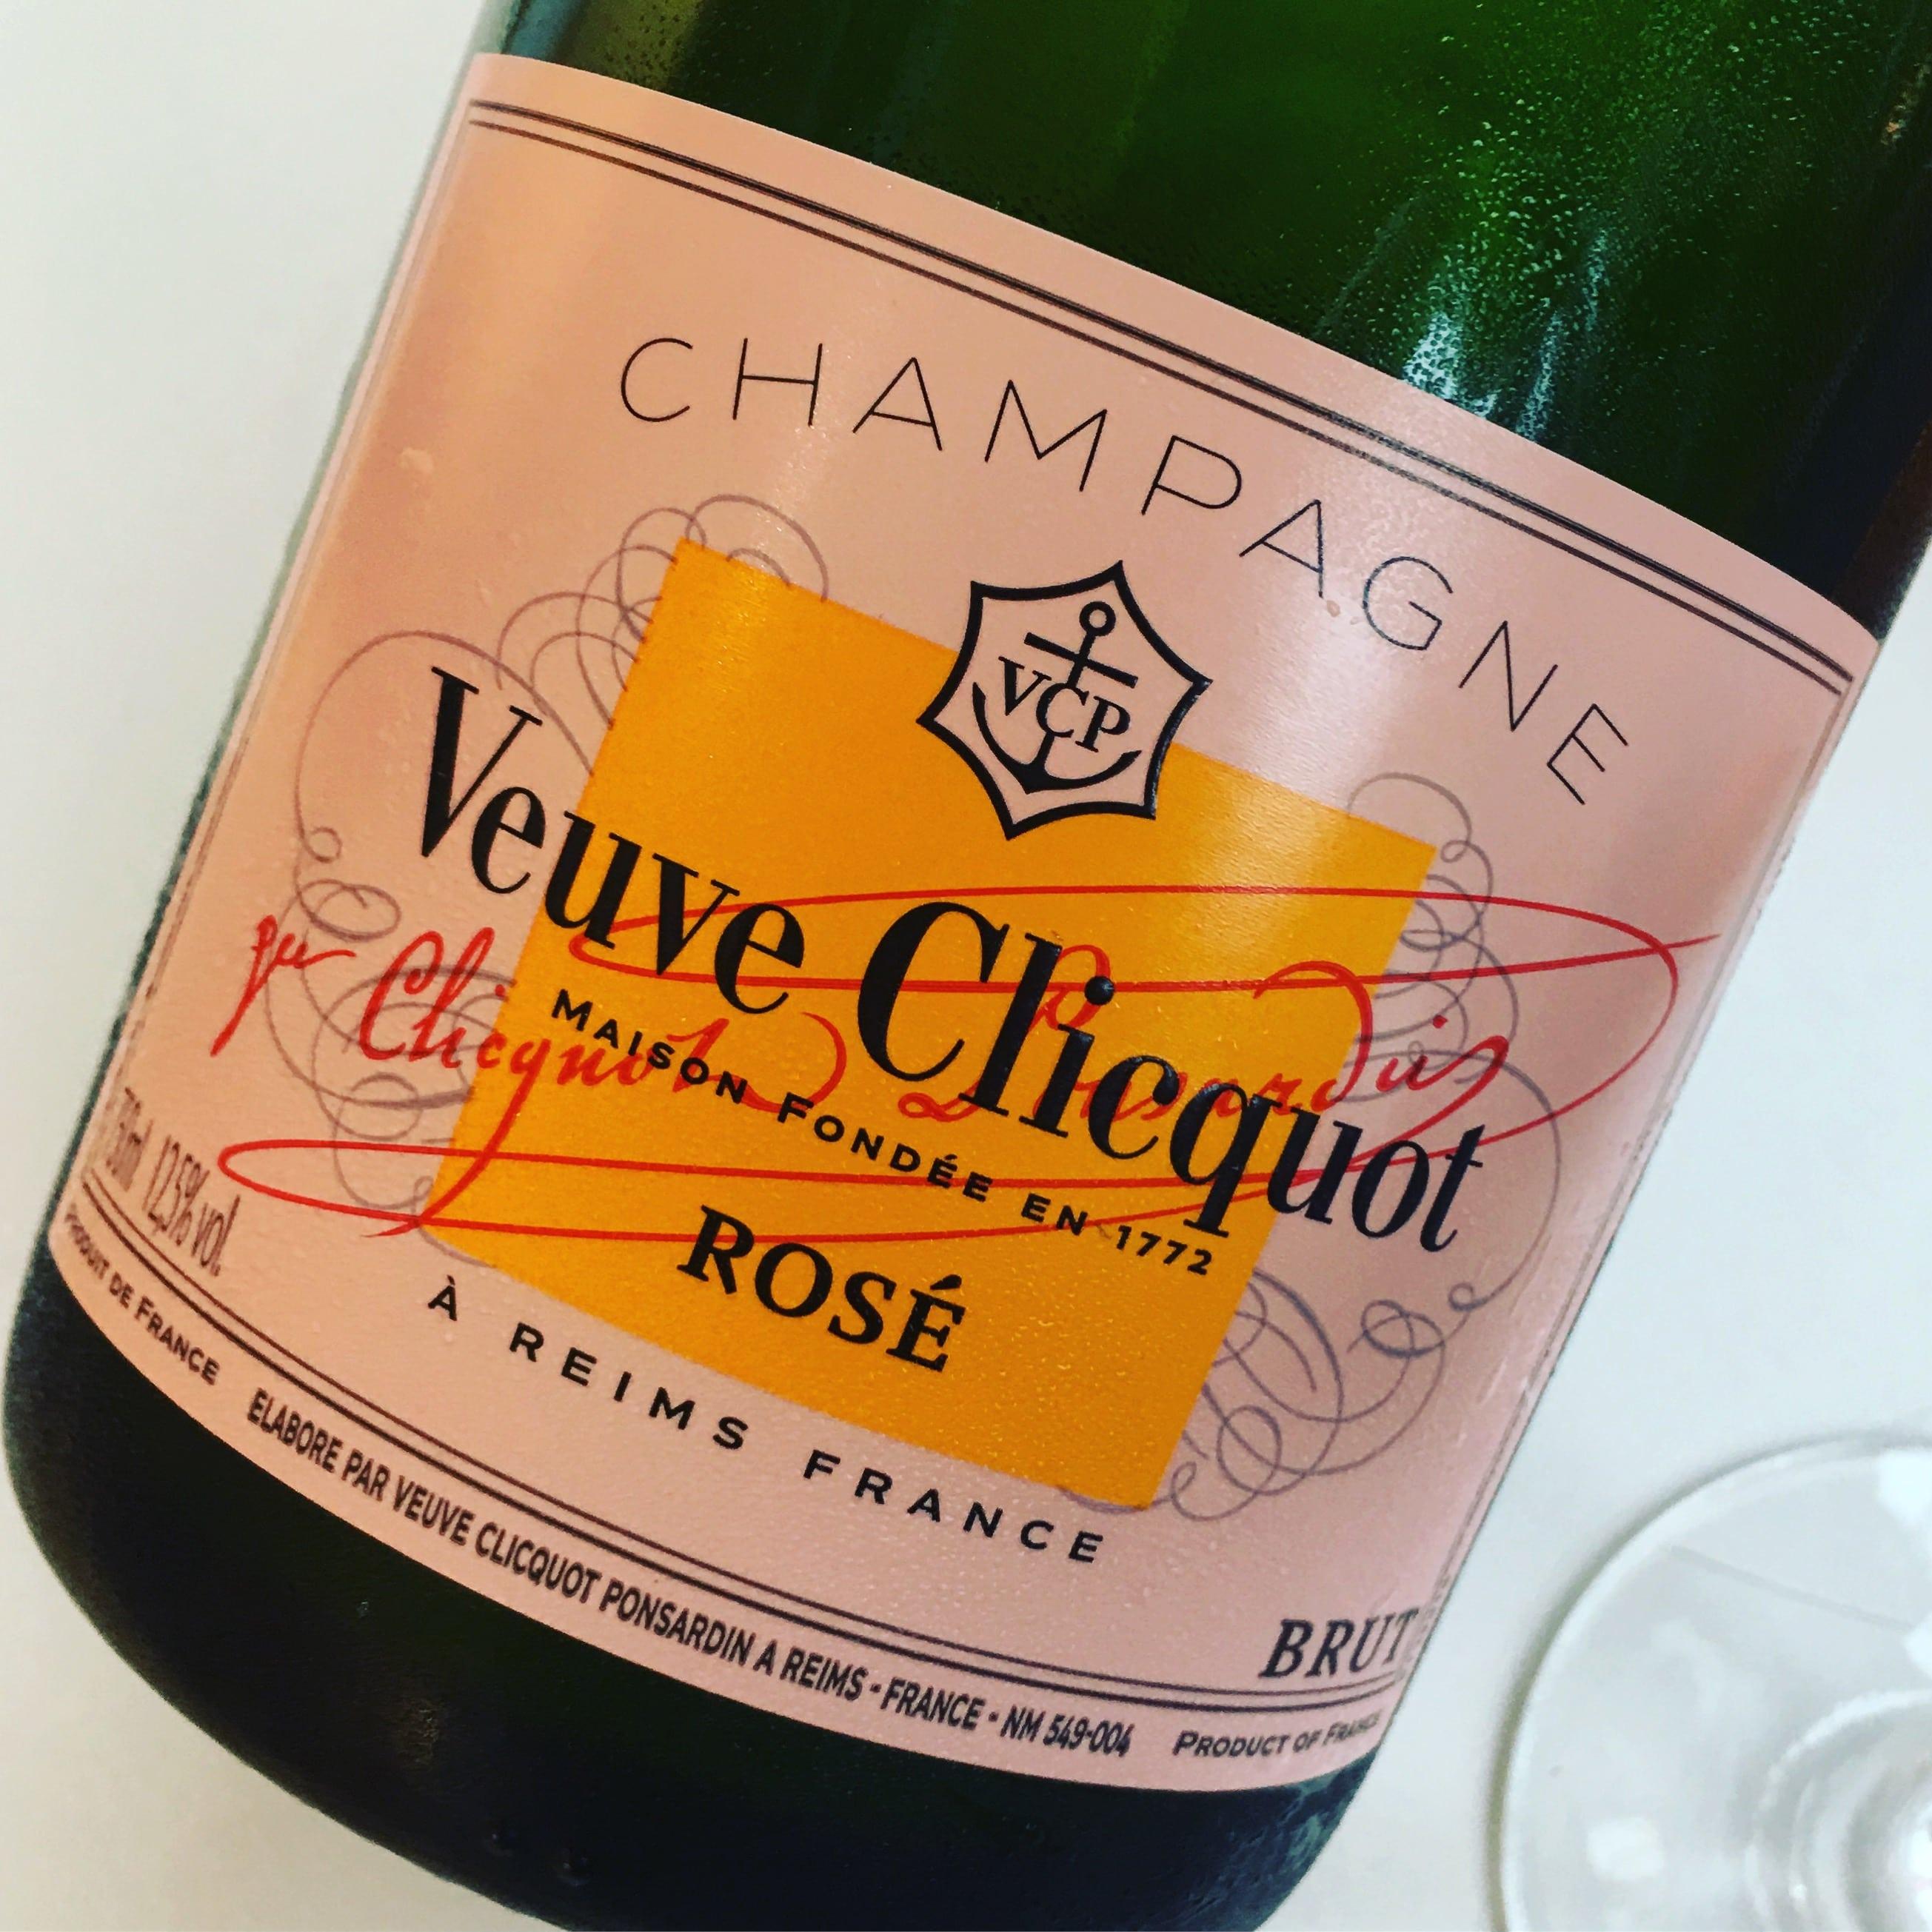 Veuve Clicquot Champagne Réserve Brut Rosé NV